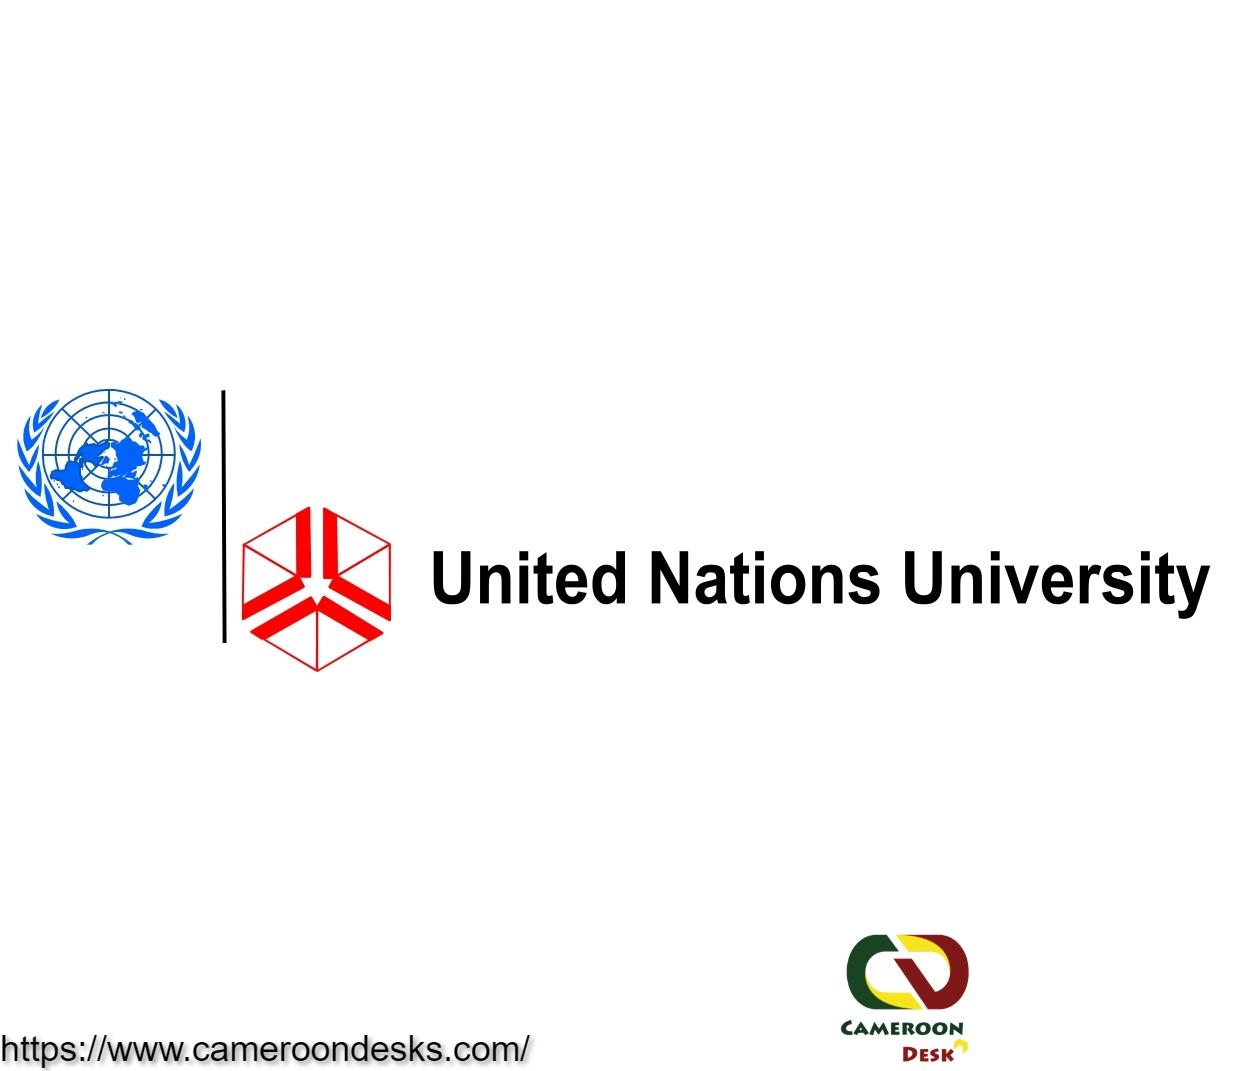 Bourses de maîtrise et de doctorat de l'université des Nations unies 2021/2022